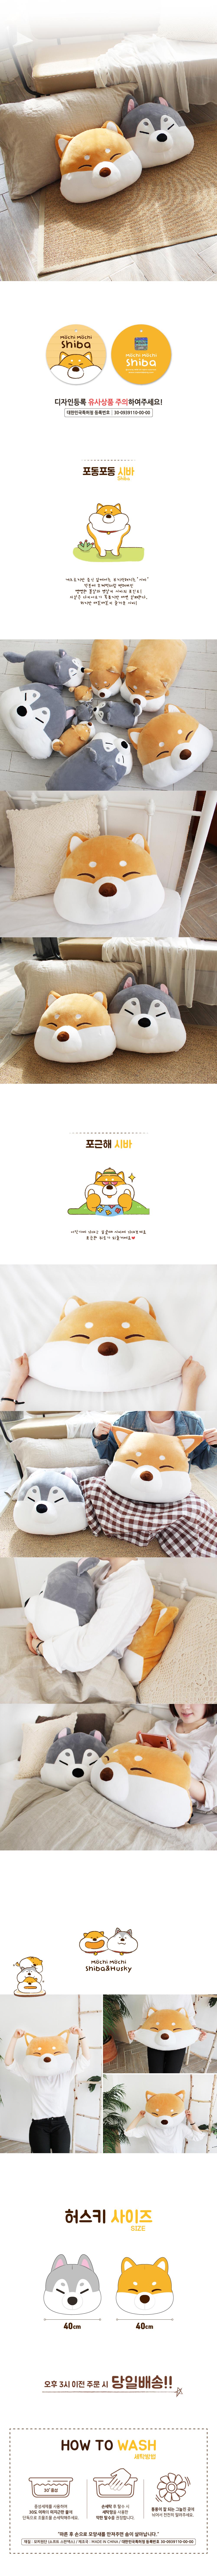 시바 허스키 강아지 얼굴 방석 쿠션 애착 봉제 인형 - 갓샵, 24,900원, 쿠션, 캐릭터